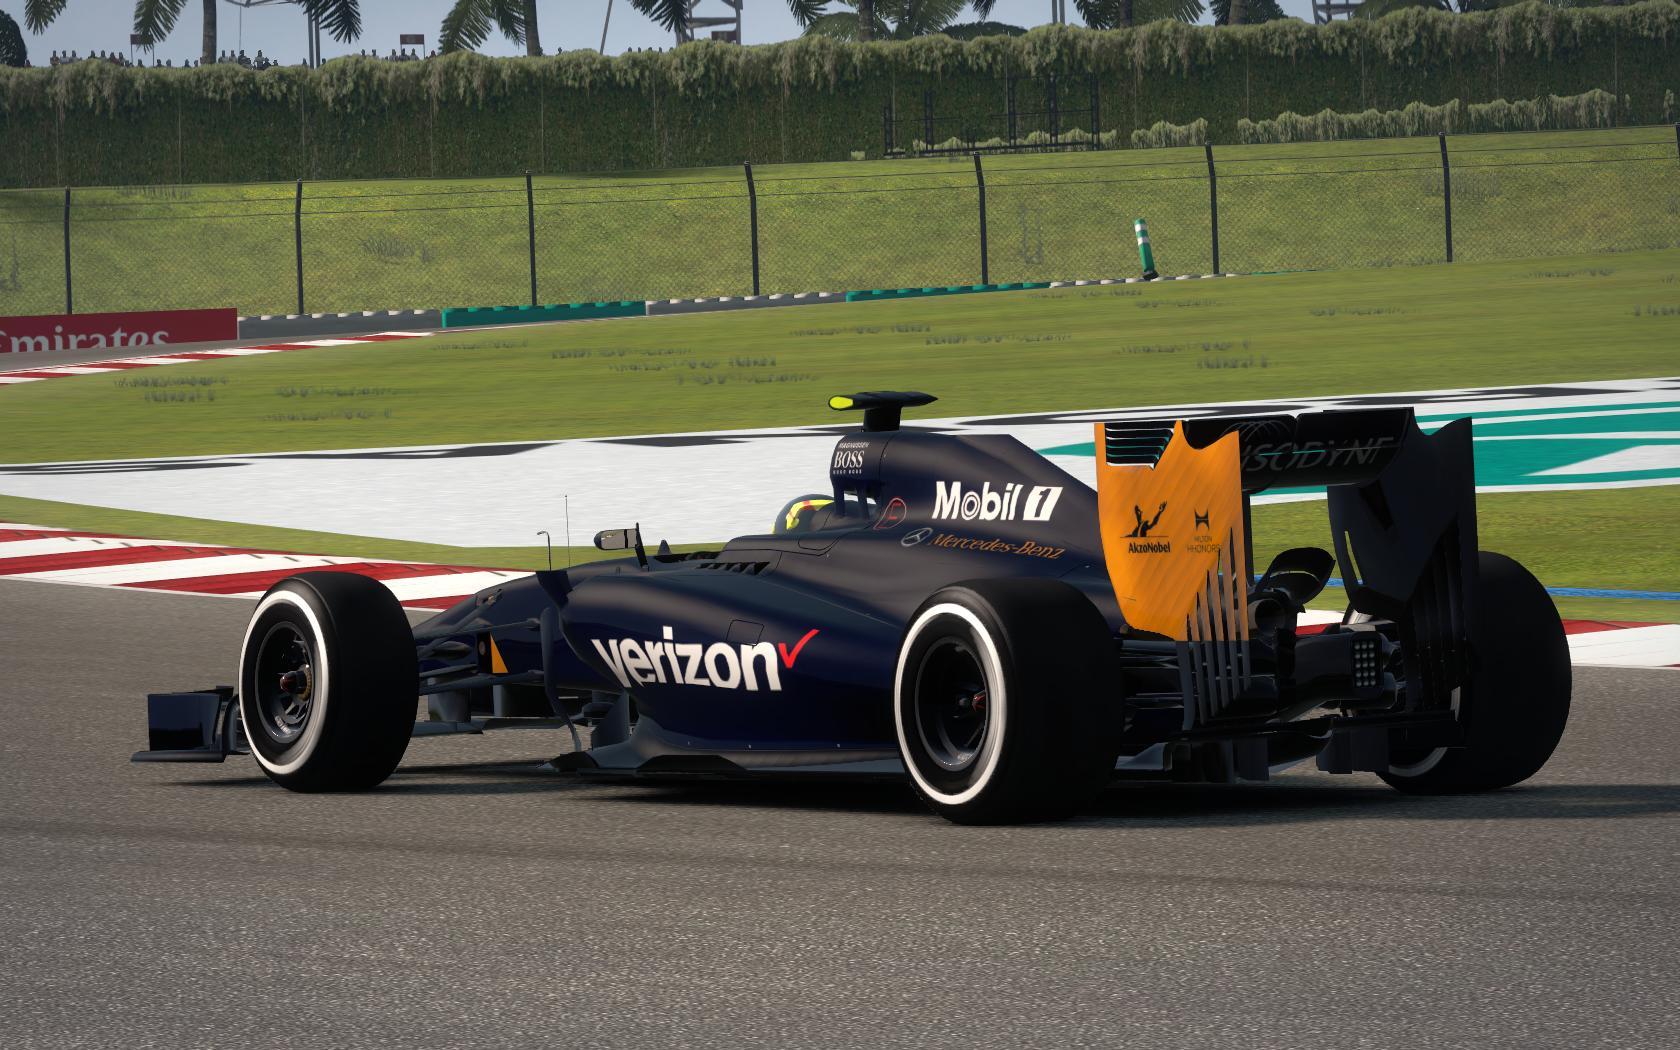 F1_2014 2016-04-16 14-15-31-69.jpg